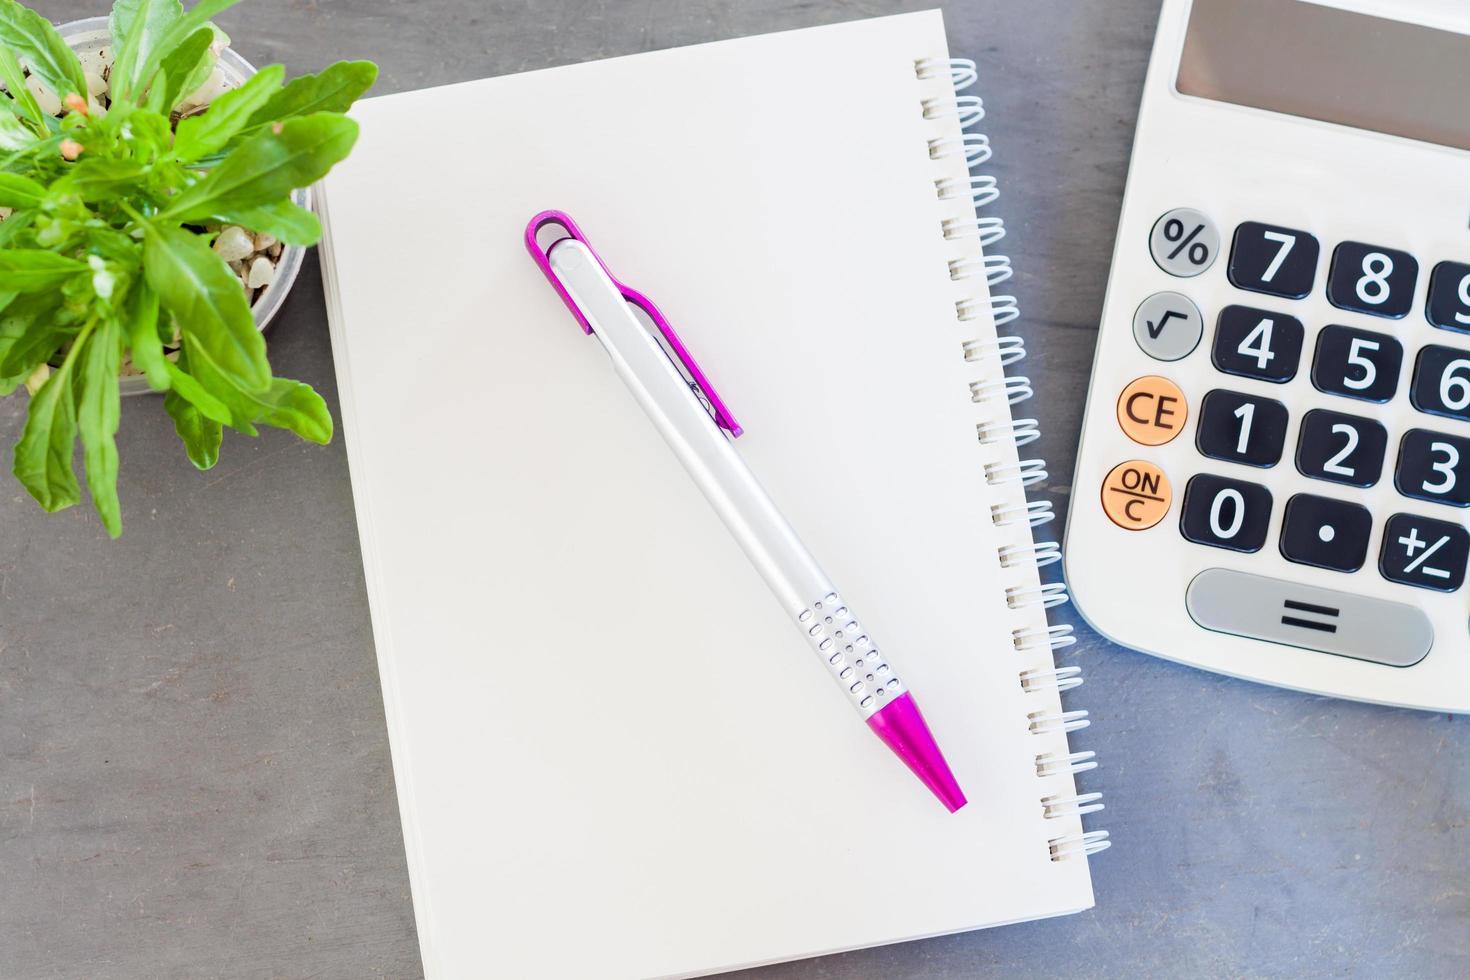 Taschenrechner, Notizblock und Stift mit einer grünen Pflanze auf einem grauen Hintergrund foto